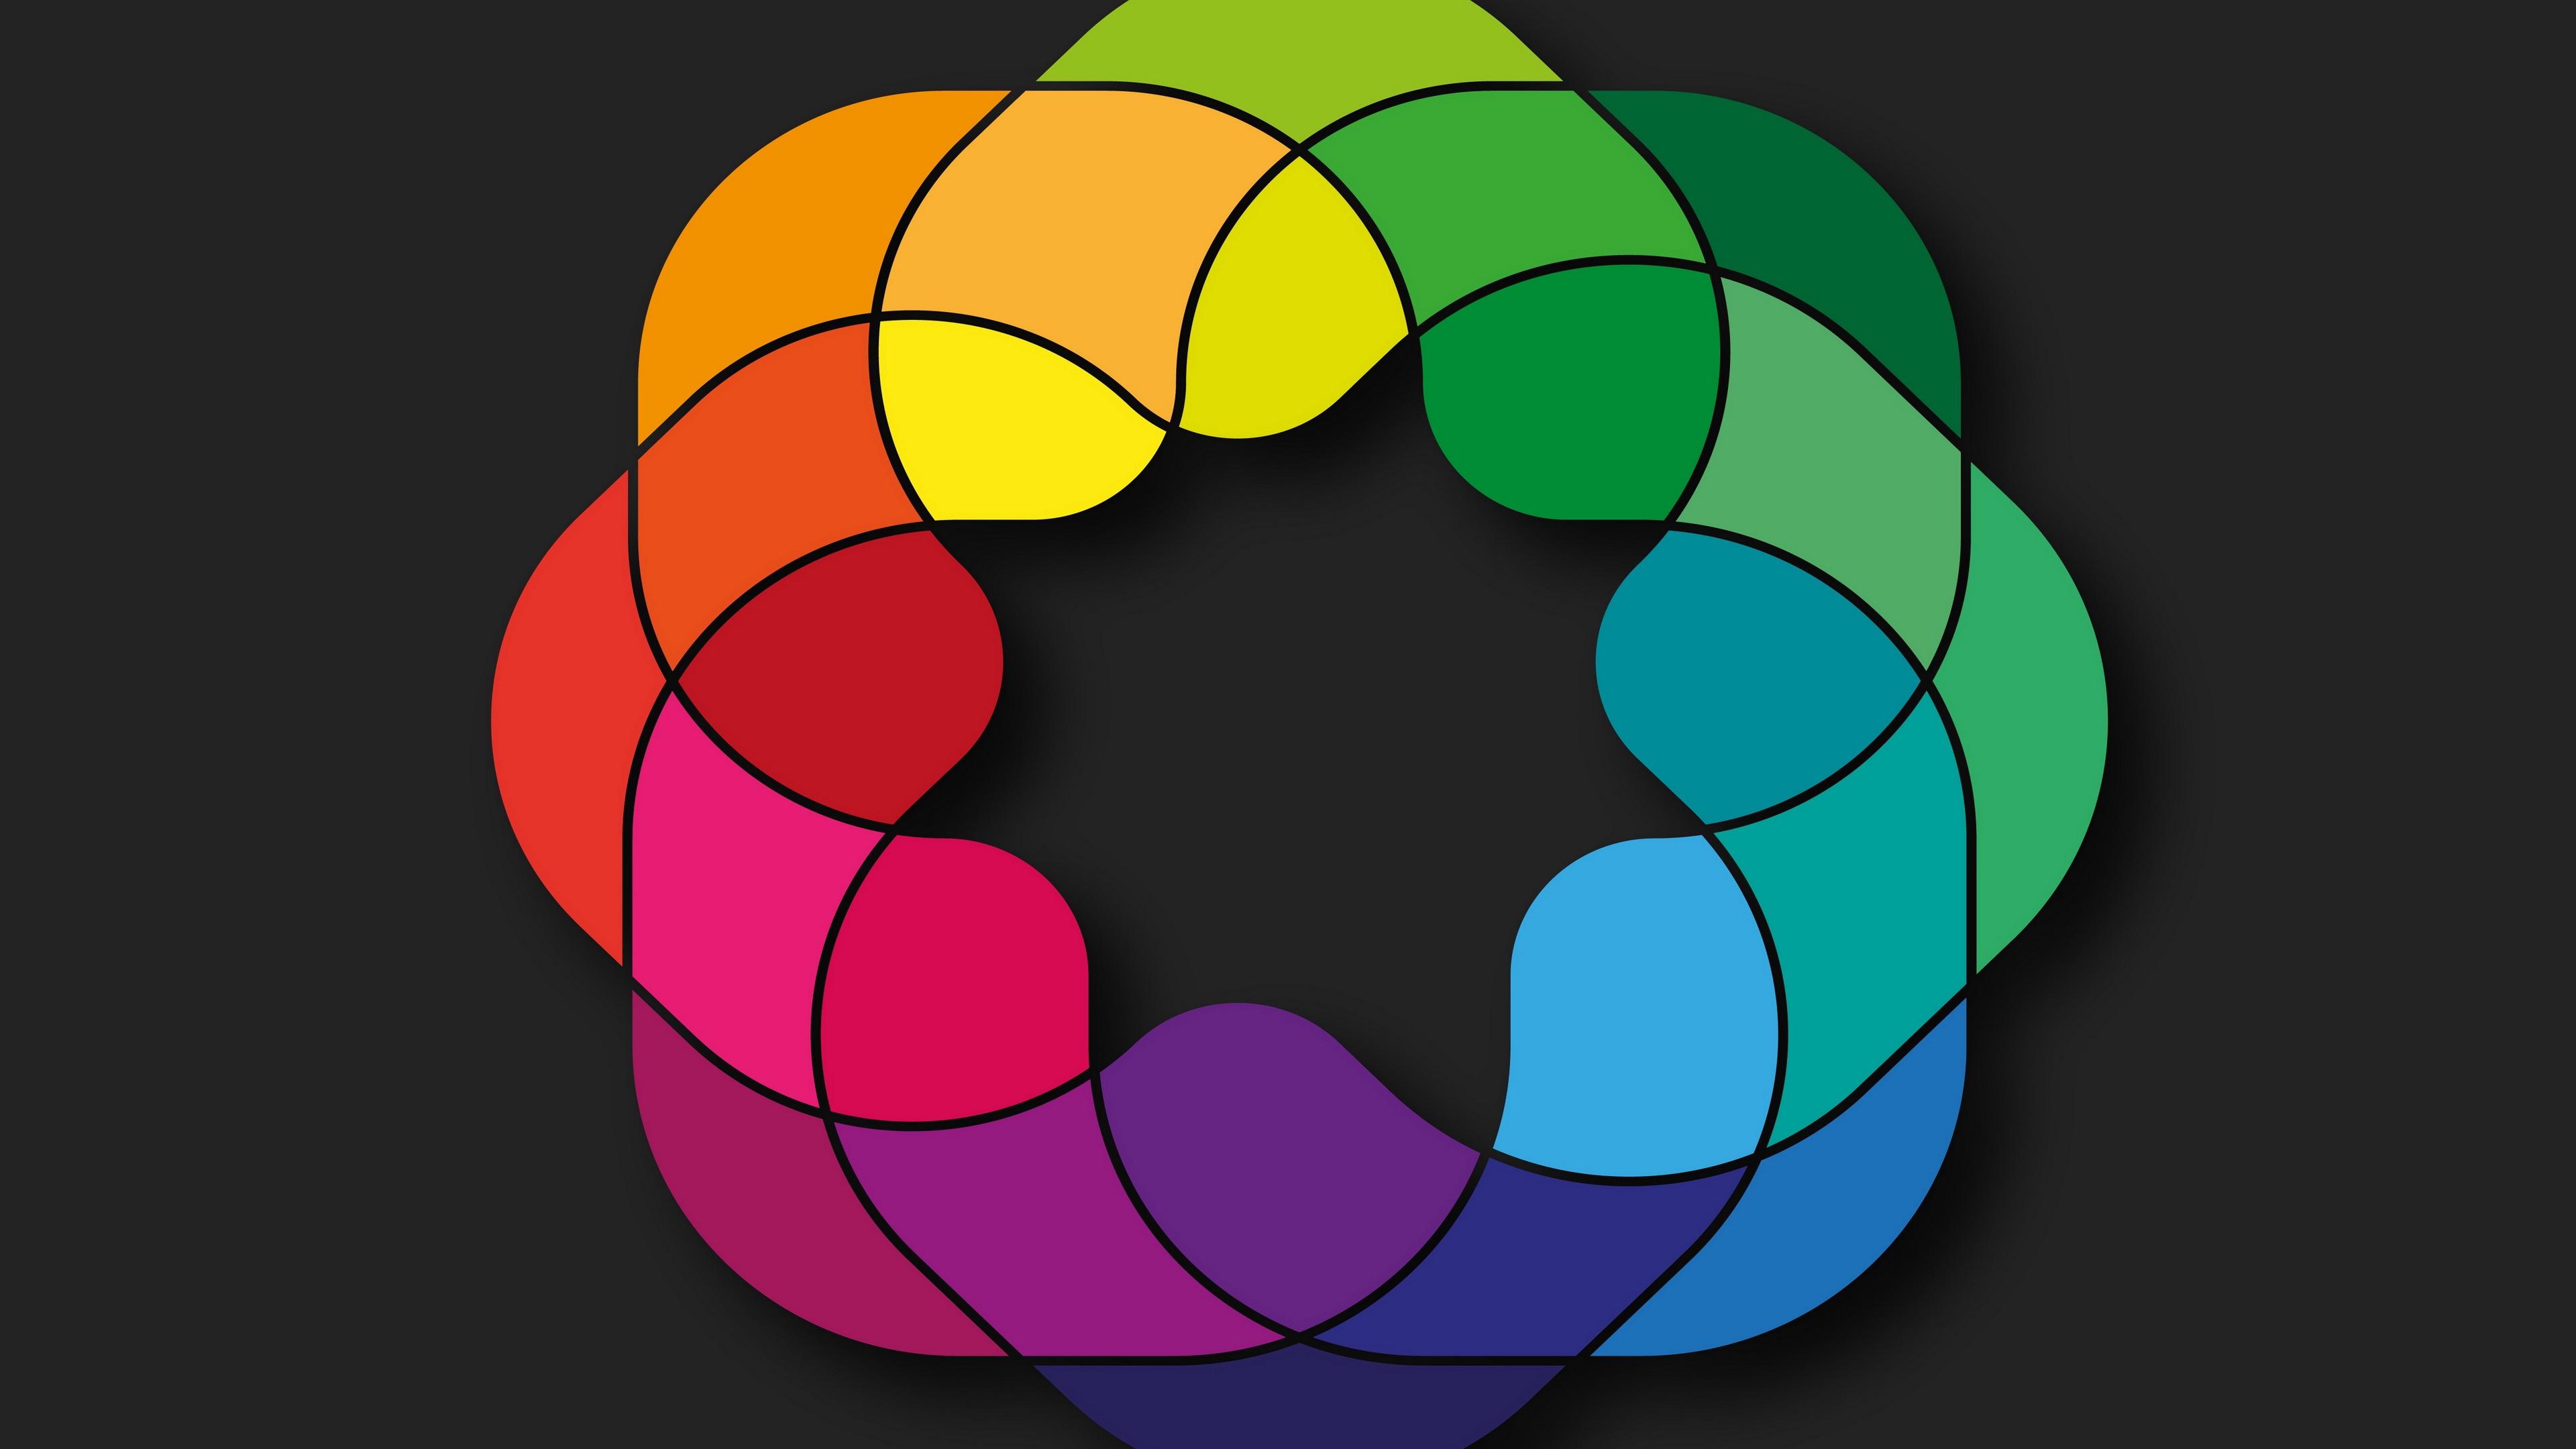 shapes colorful black background 4k 1539370323 - shapes, colorful, black background 4k - Shapes, Colorful, black background